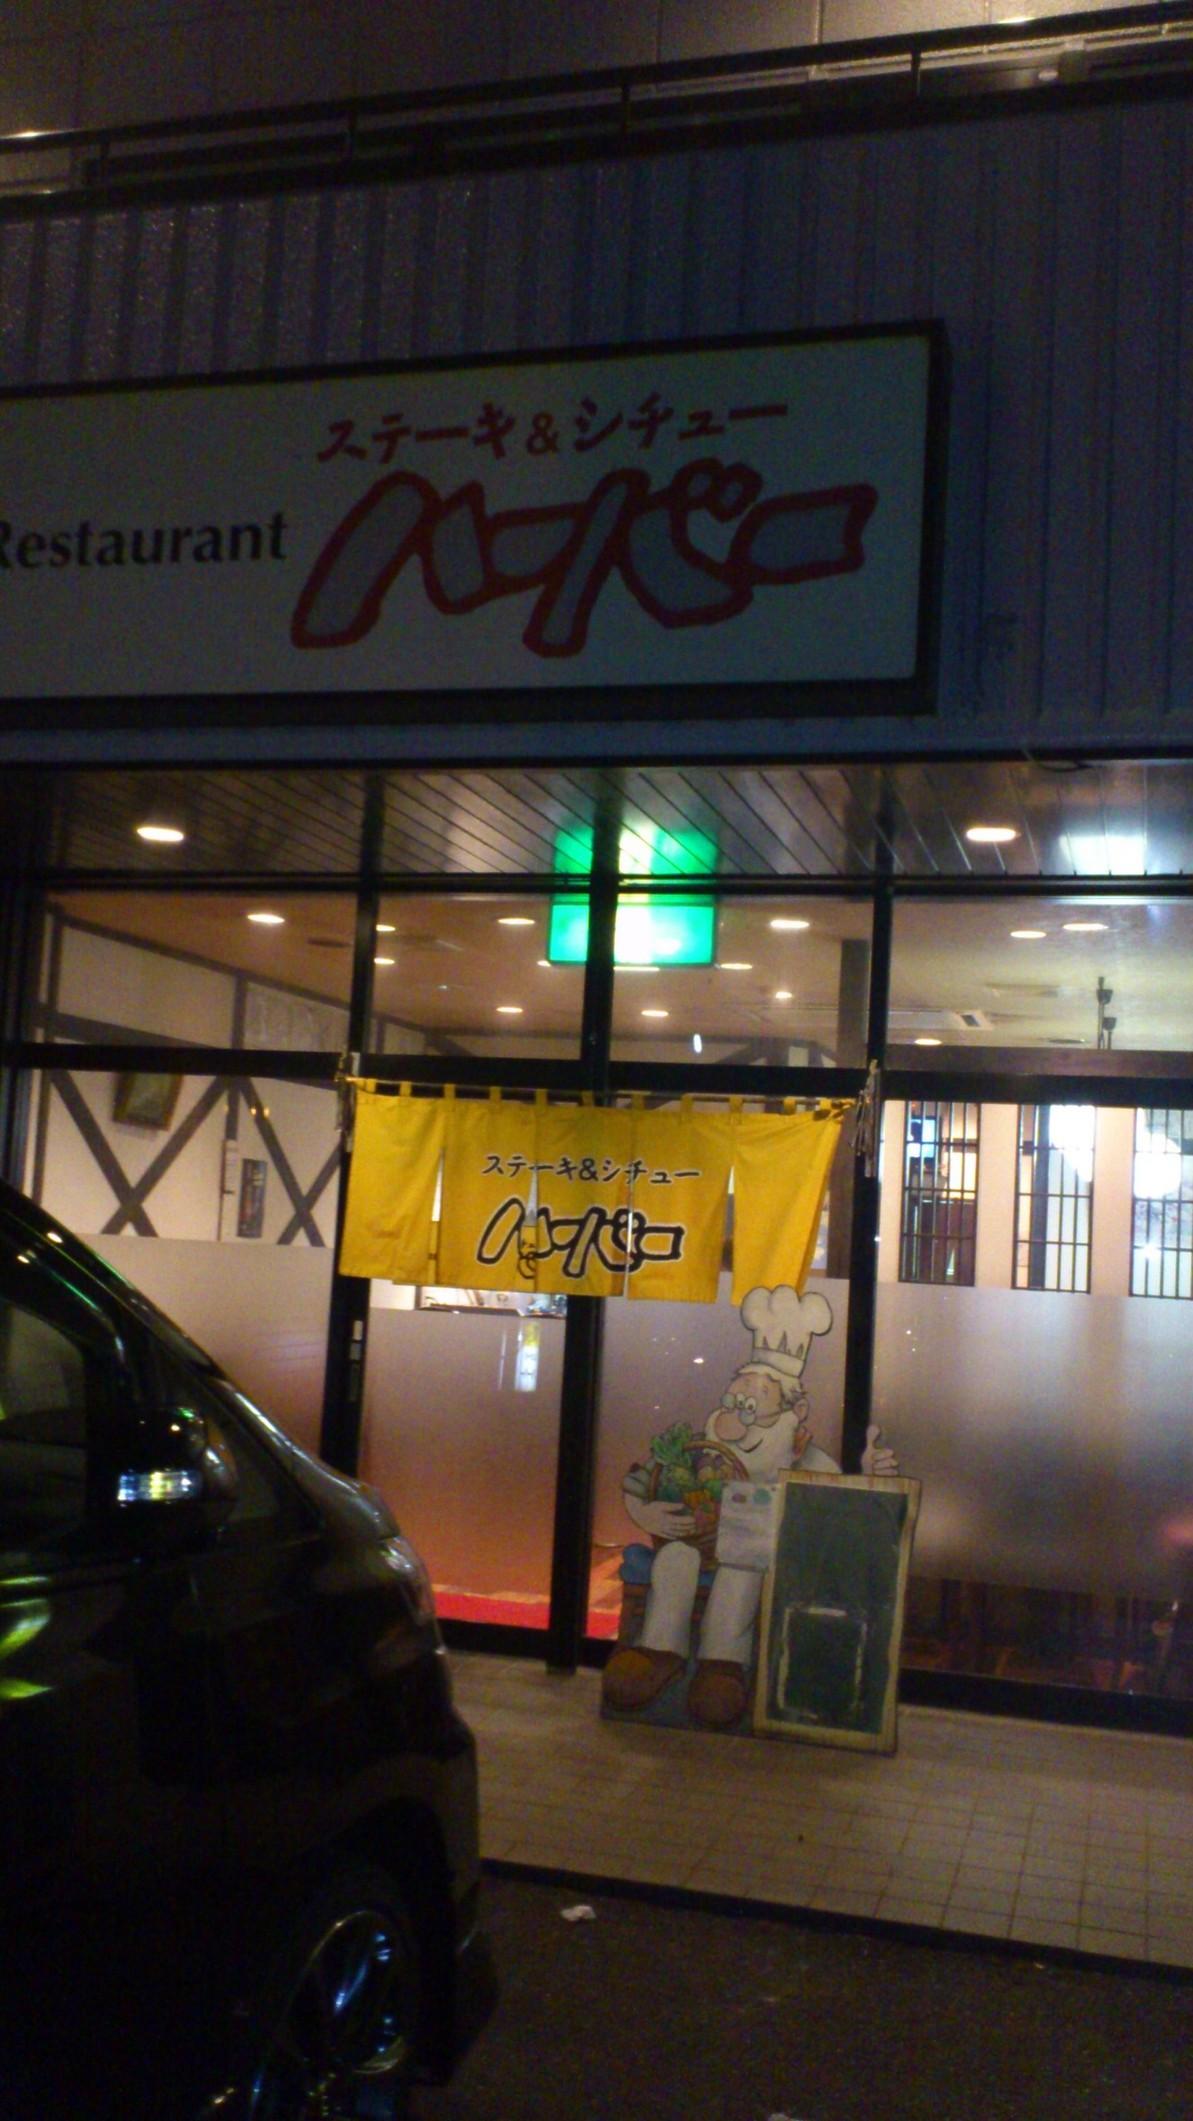 ステーキ&シチュー レストラン ハーバー